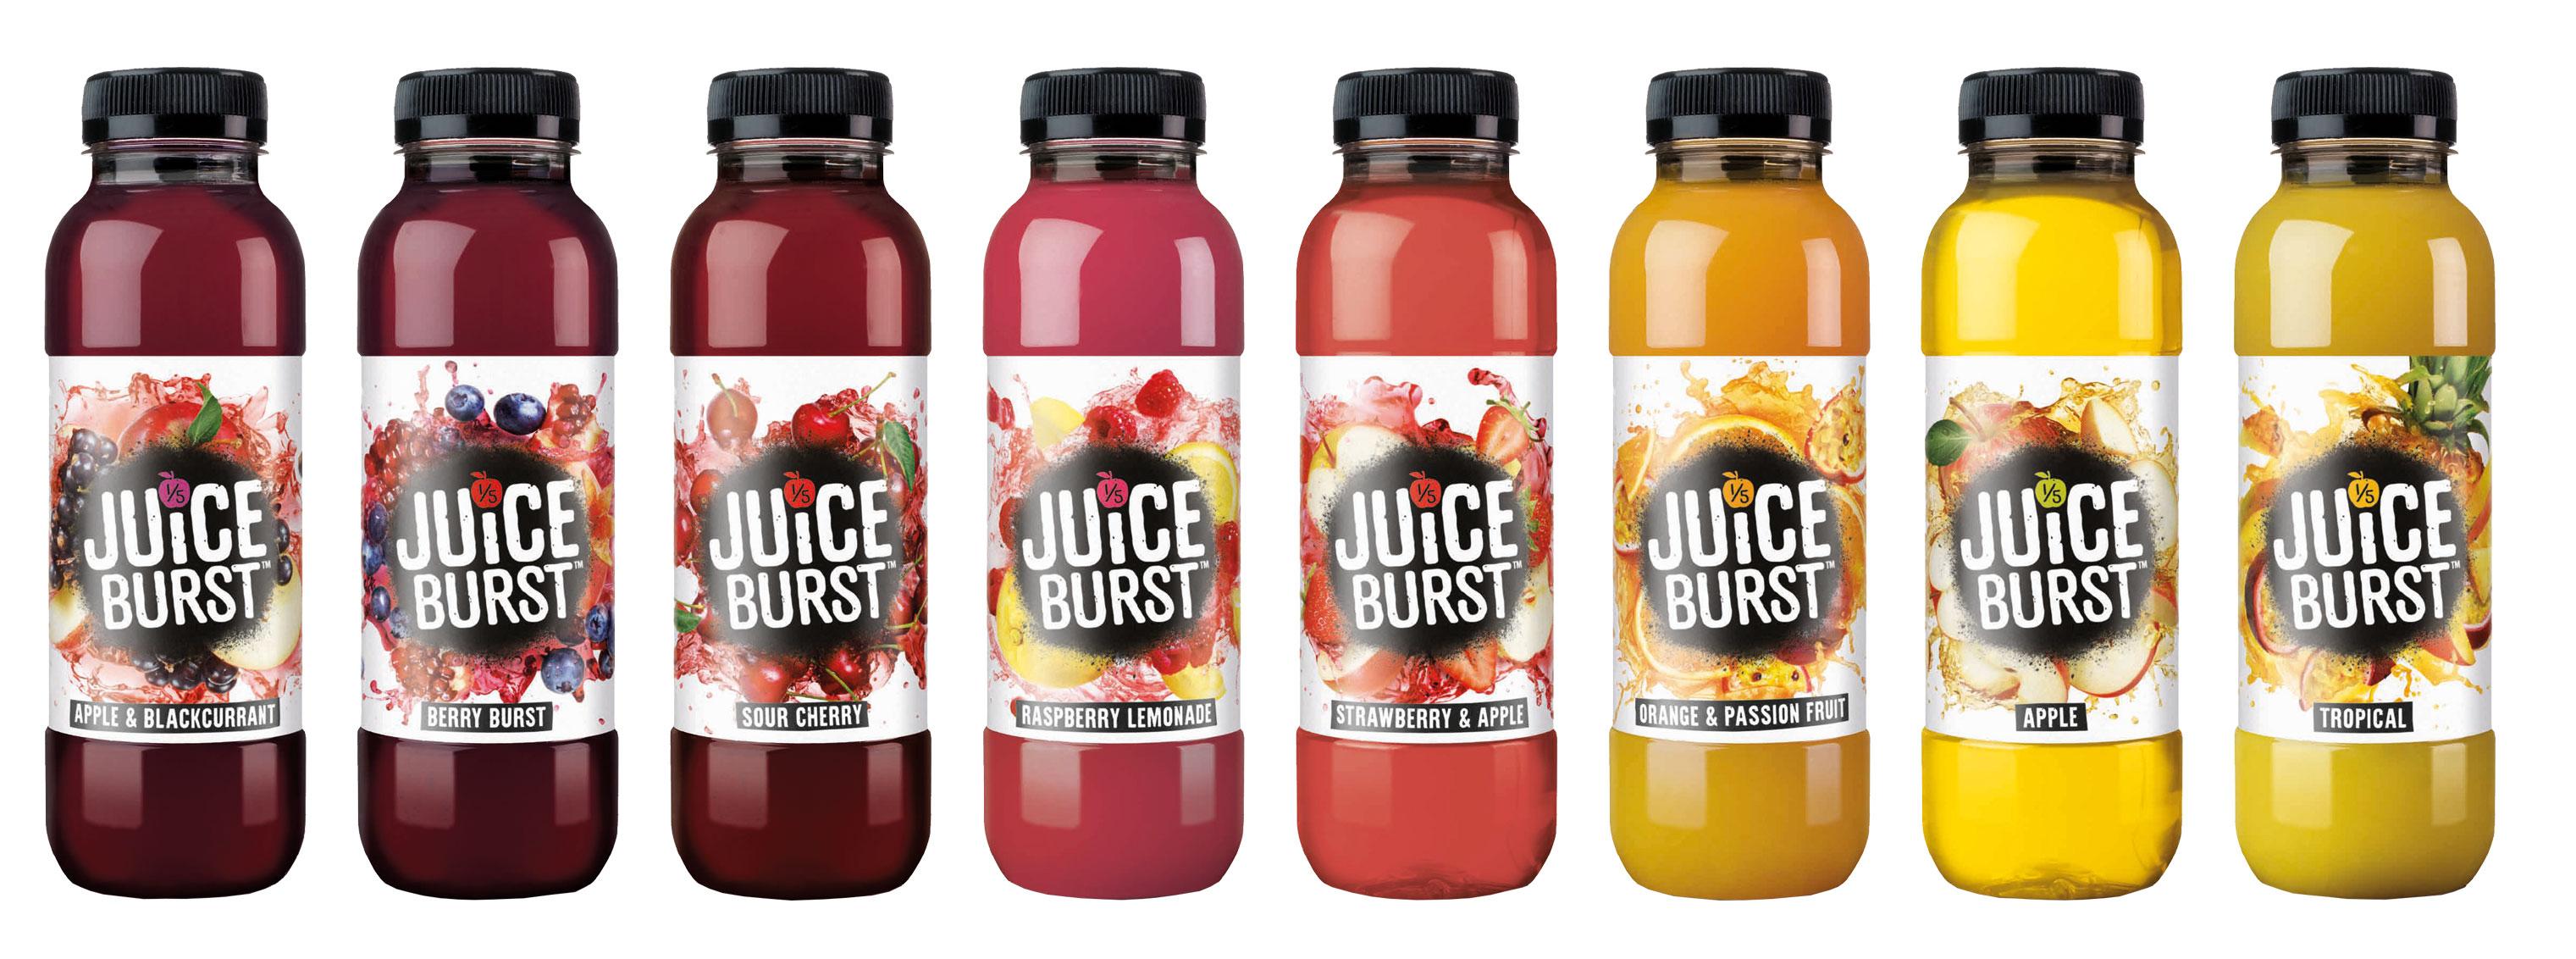 juice-burst.jpg